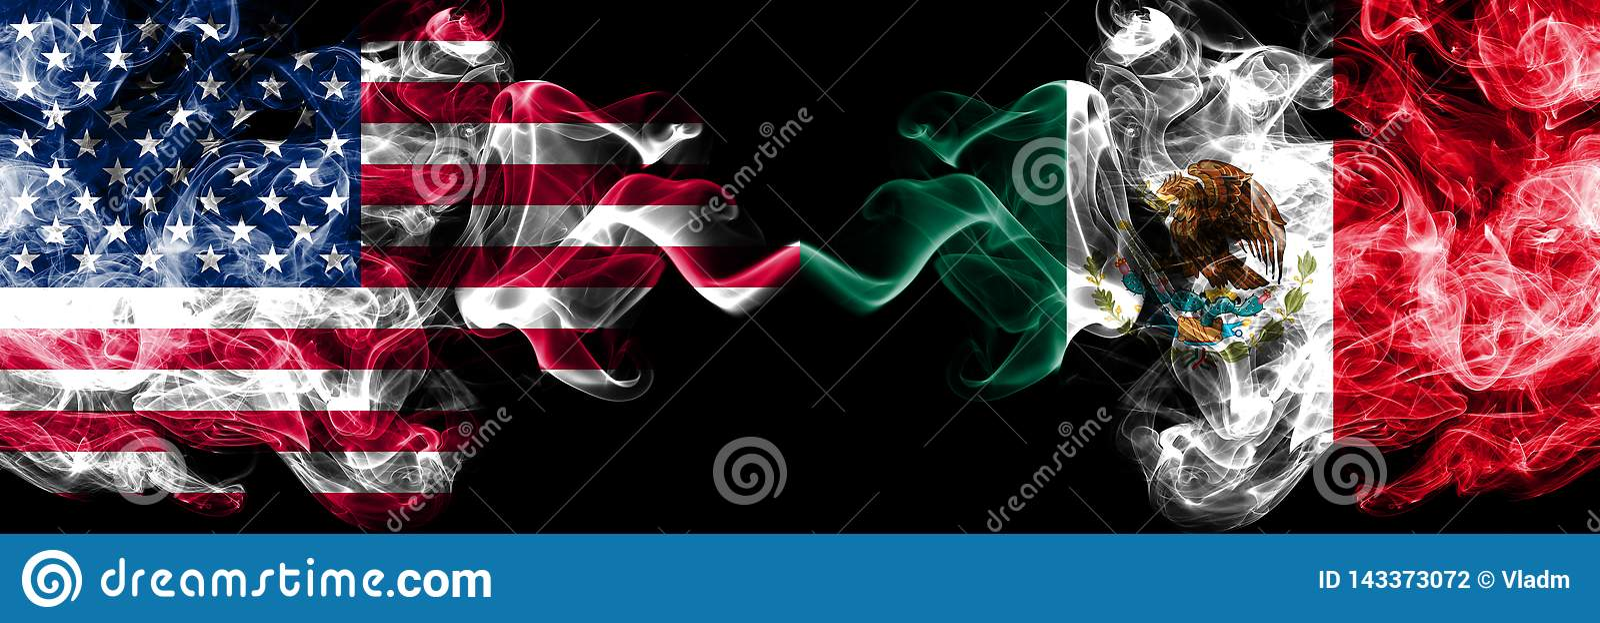 Stany Zjednoczone Ameryka vs Meksyk, Meksykańskie dymiące tajemnicze flagi umieszczająca strona strona - obok - Gęste barwion